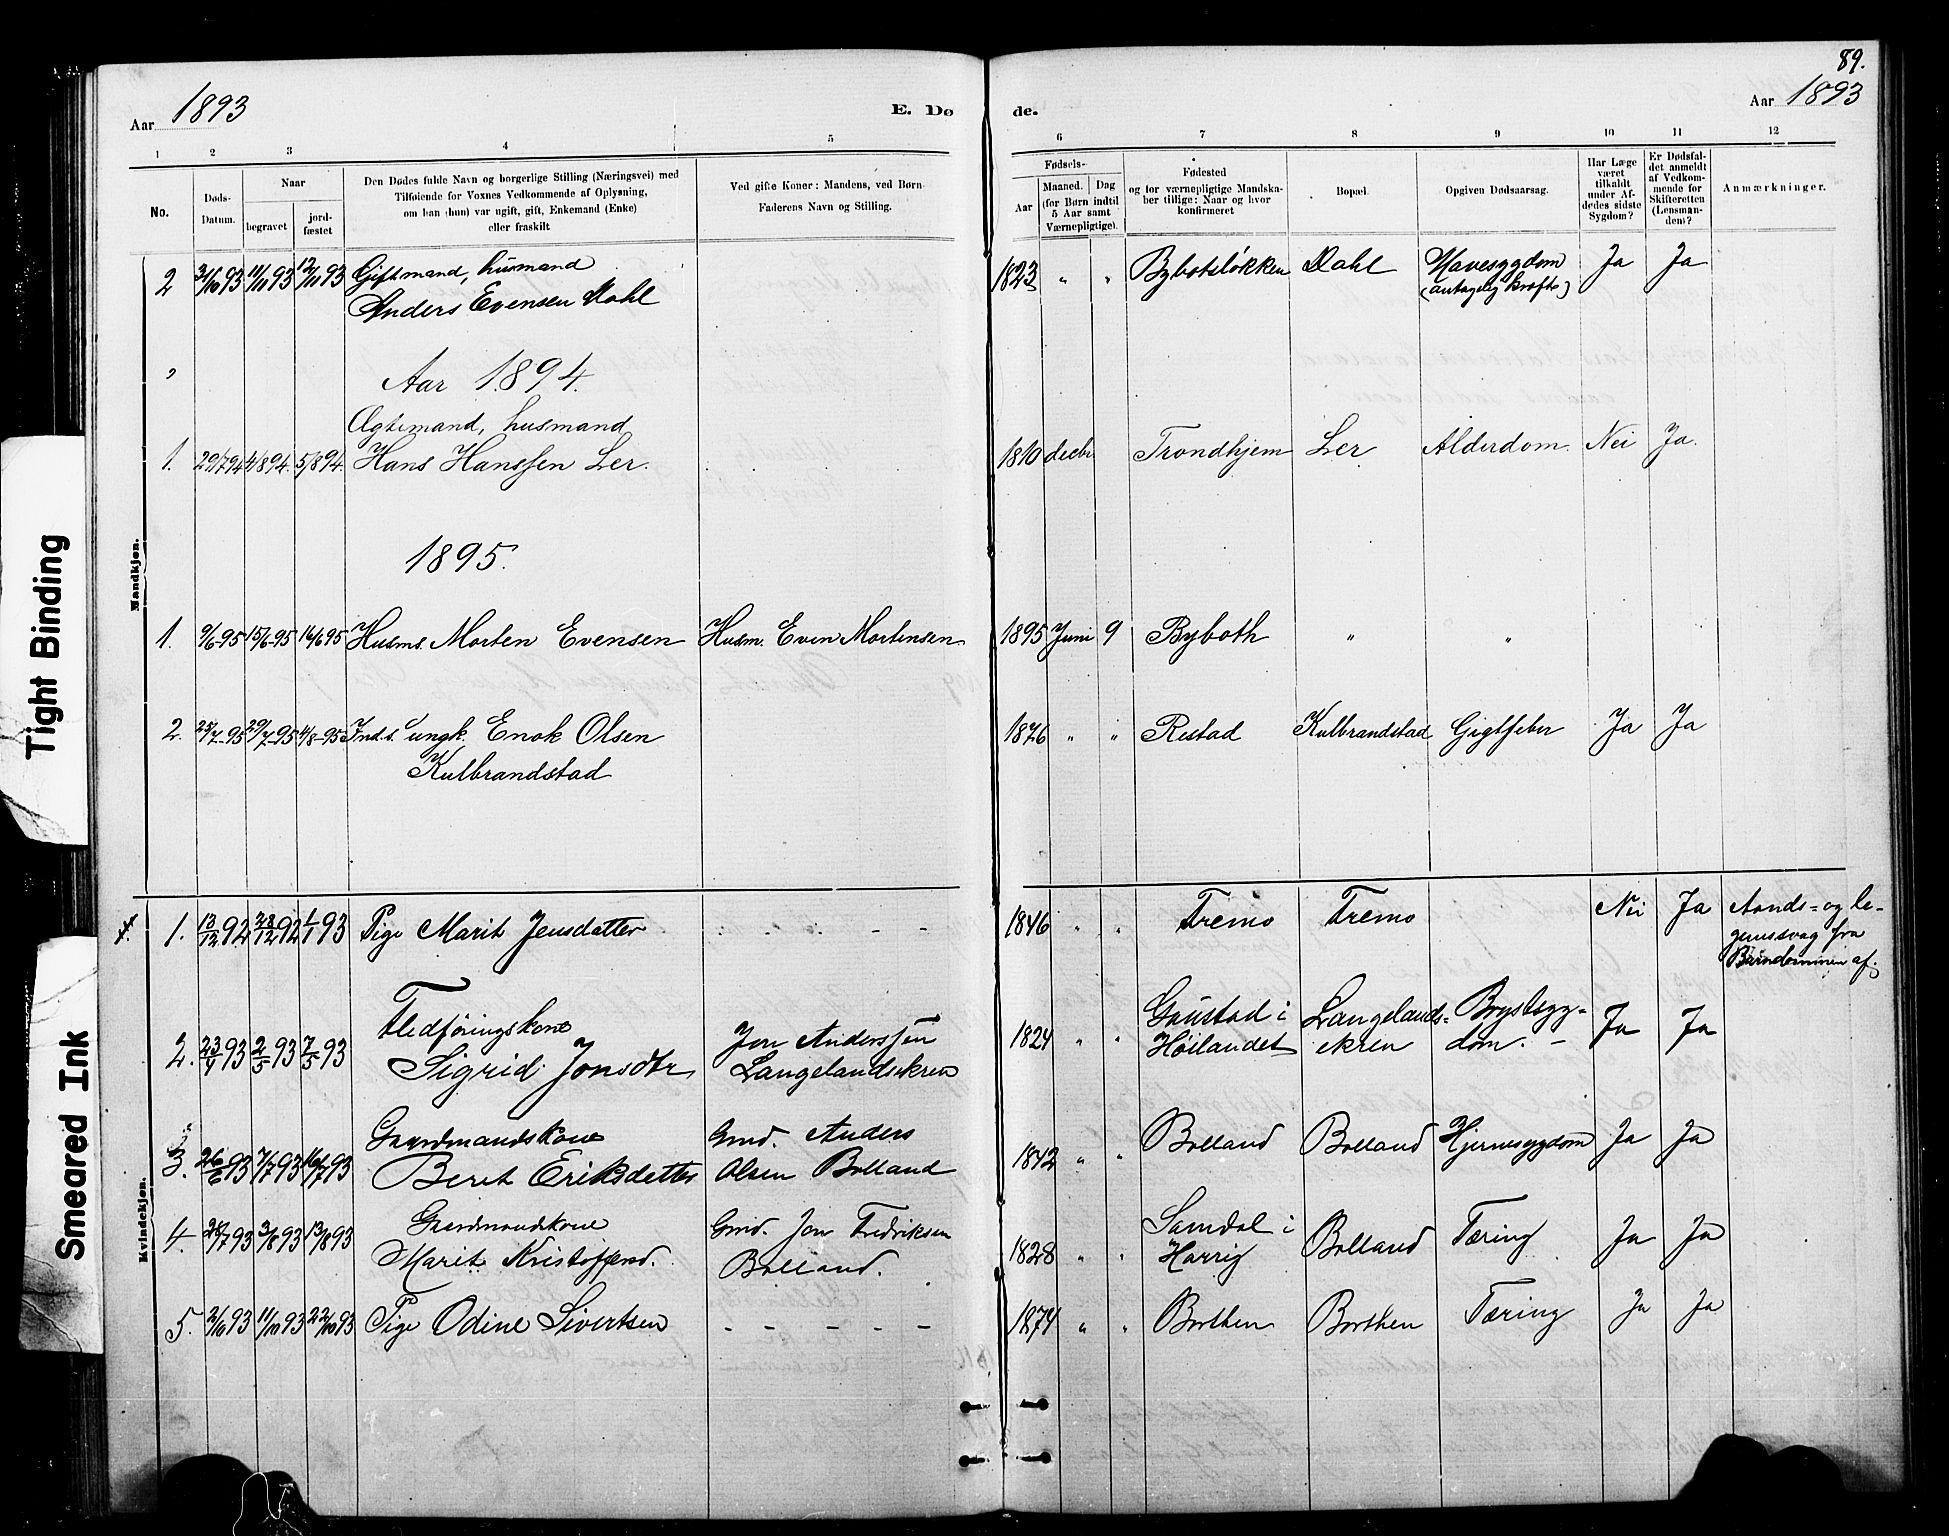 SAT, Ministerialprotokoller, klokkerbøker og fødselsregistre - Sør-Trøndelag, 693/L1123: Klokkerbok nr. 693C04, 1887-1910, s. 89